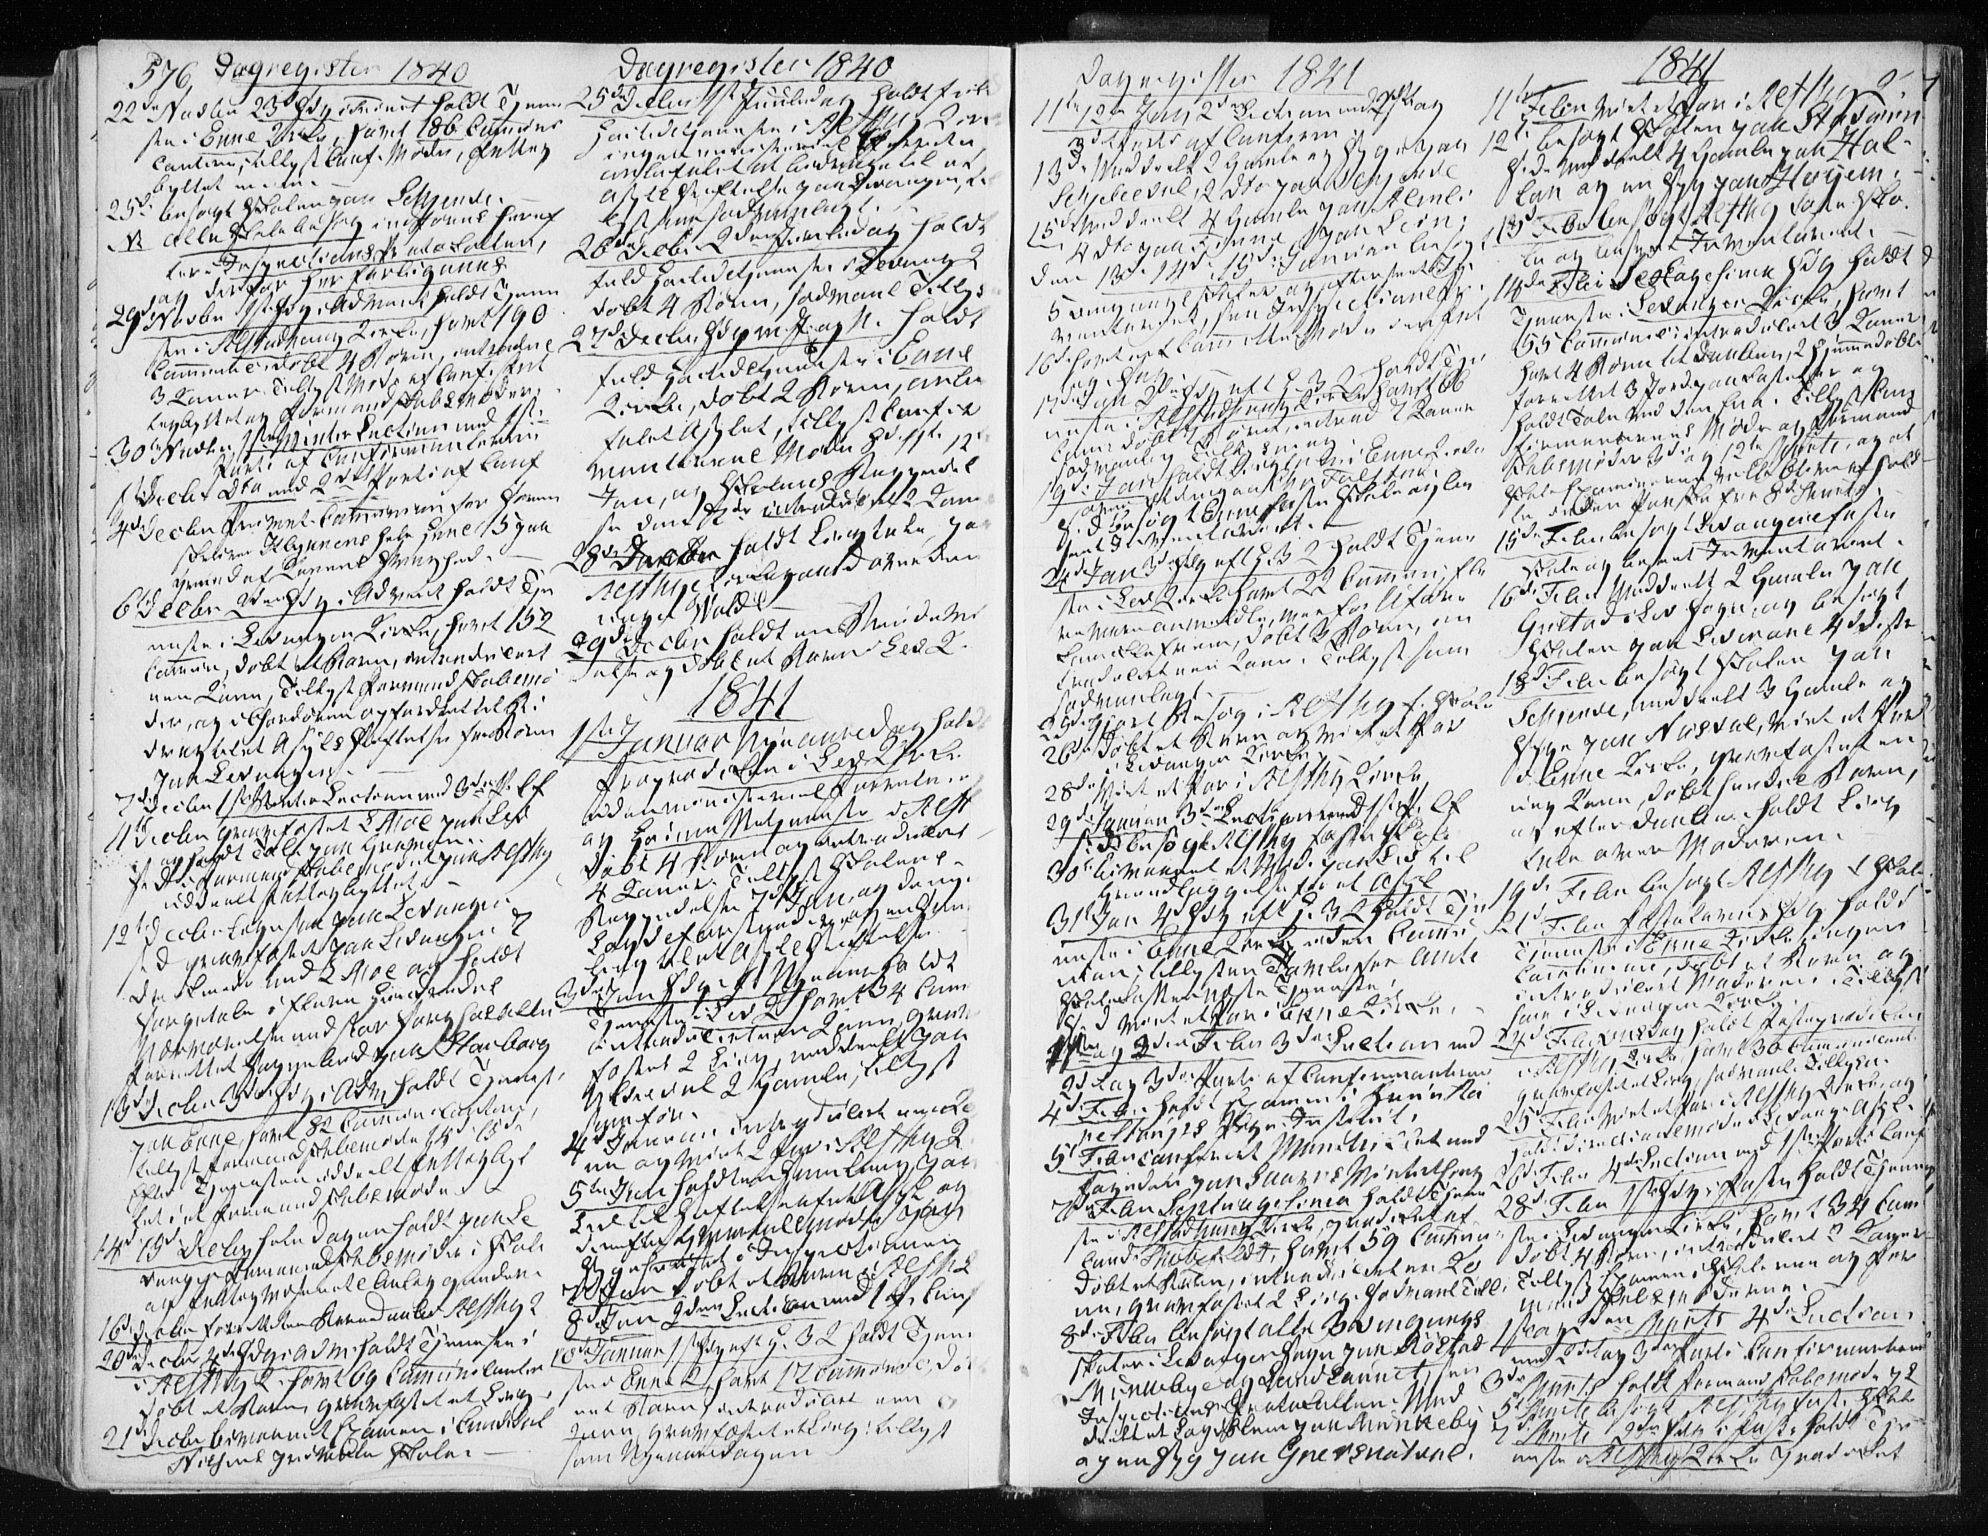 SAT, Ministerialprotokoller, klokkerbøker og fødselsregistre - Nord-Trøndelag, 717/L0154: Ministerialbok nr. 717A06 /1, 1836-1849, s. 576